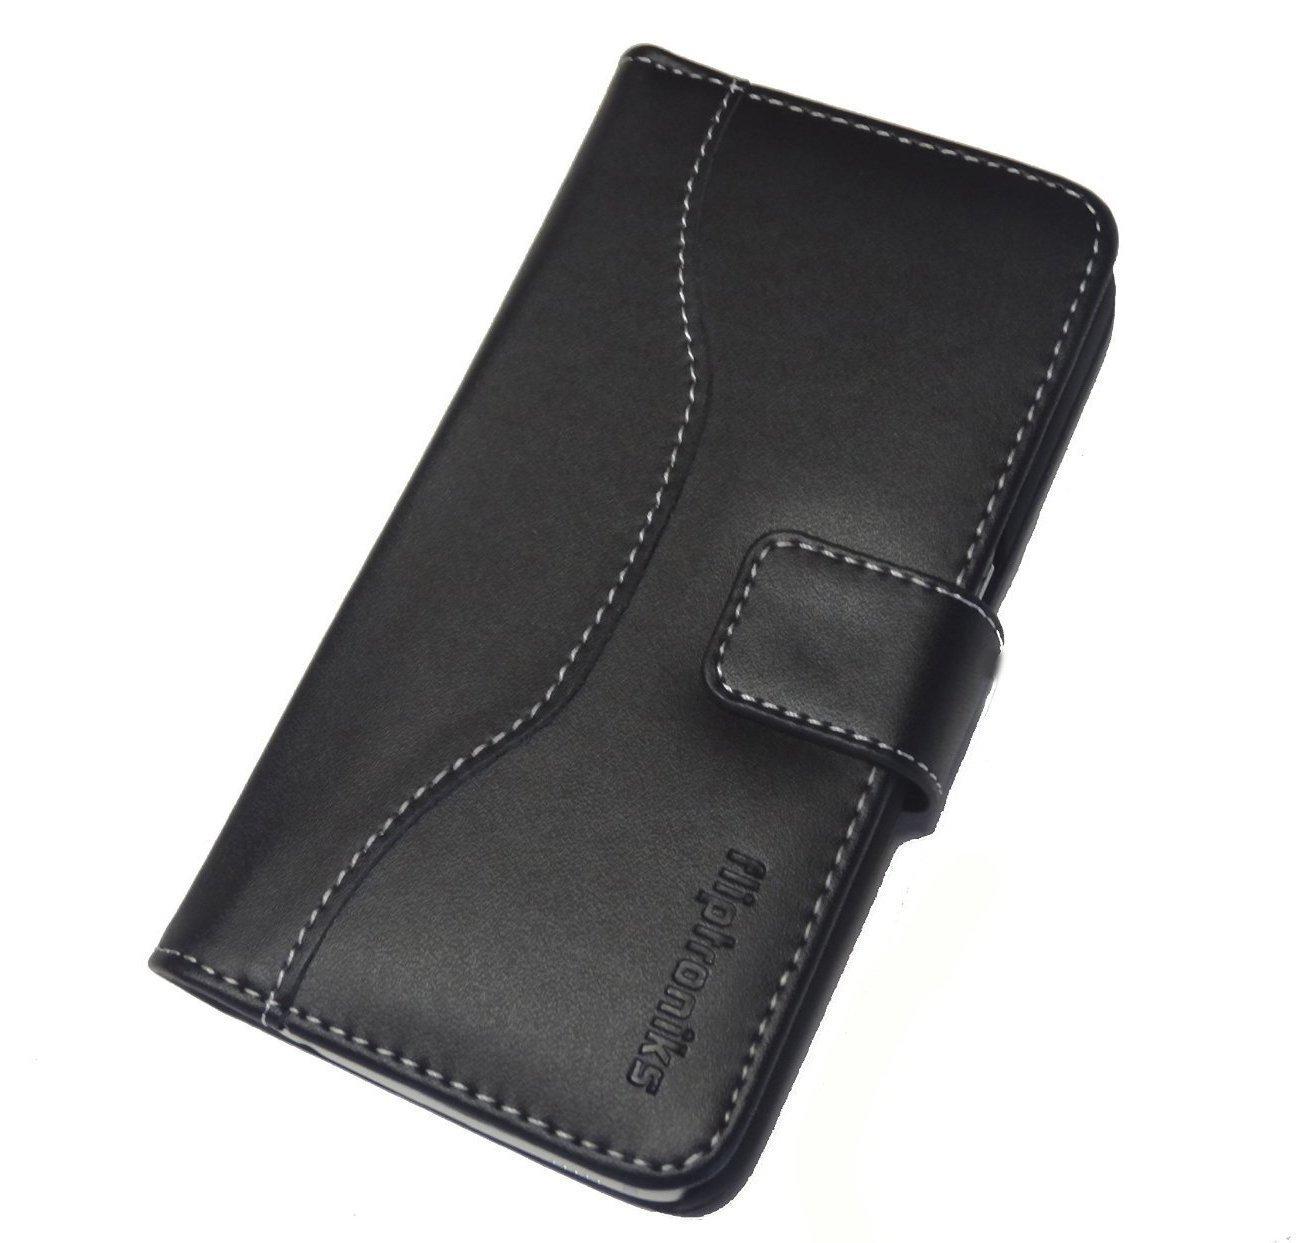 Fliptroniks Iphone 6 plus Slim Wallet Case Top 3 Features